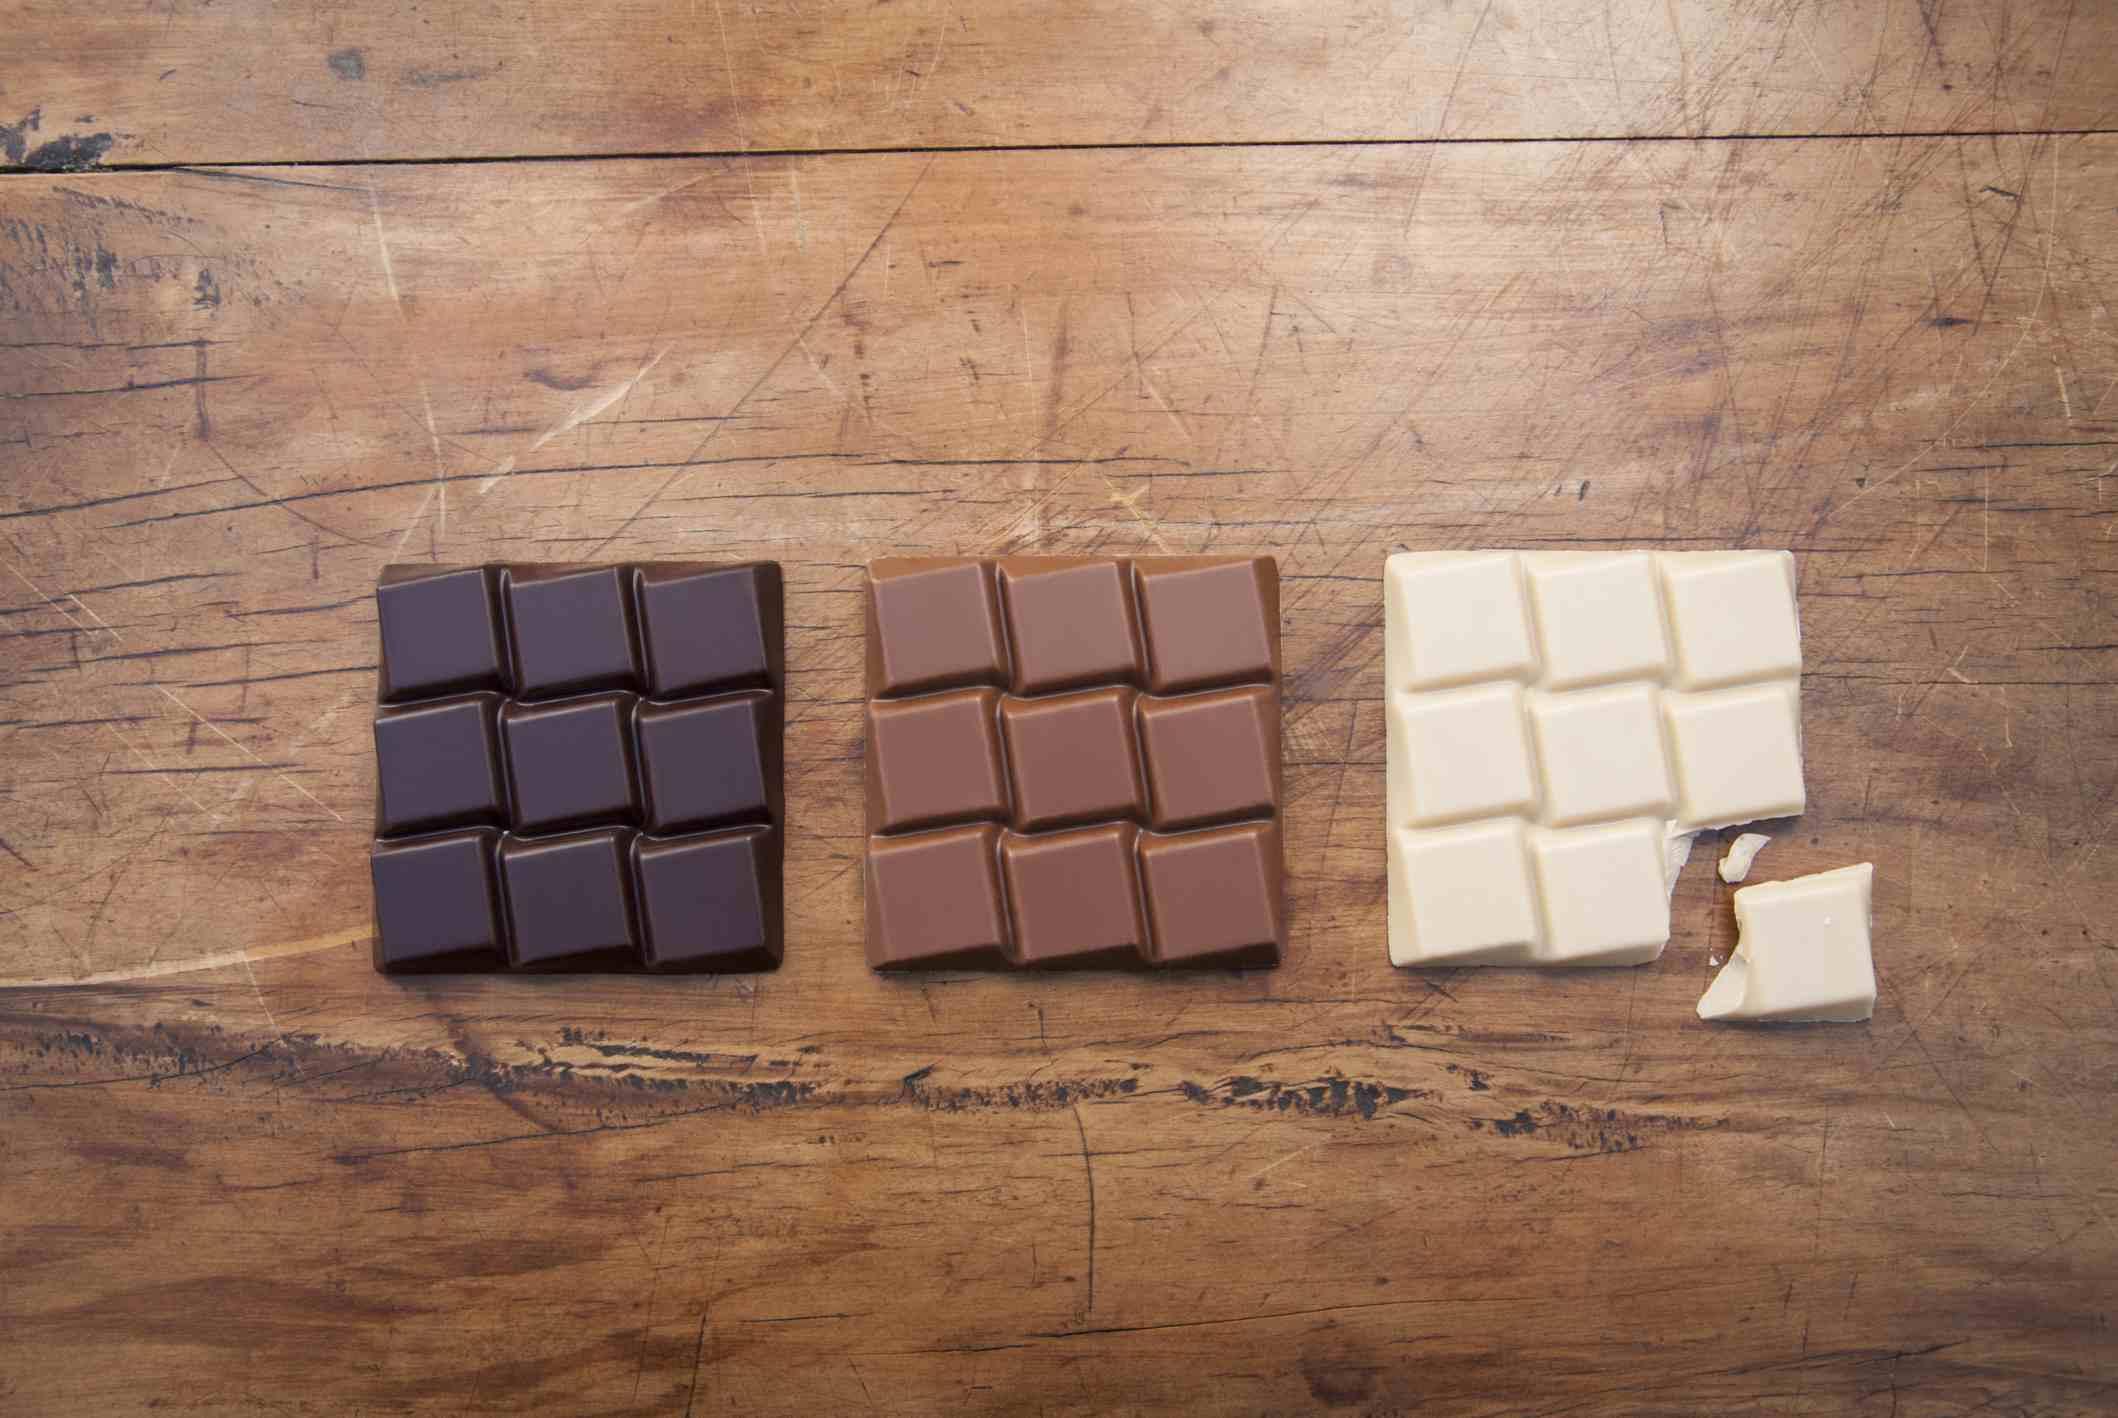 photo of three bars of chocolate, one dark, one milk, and one white